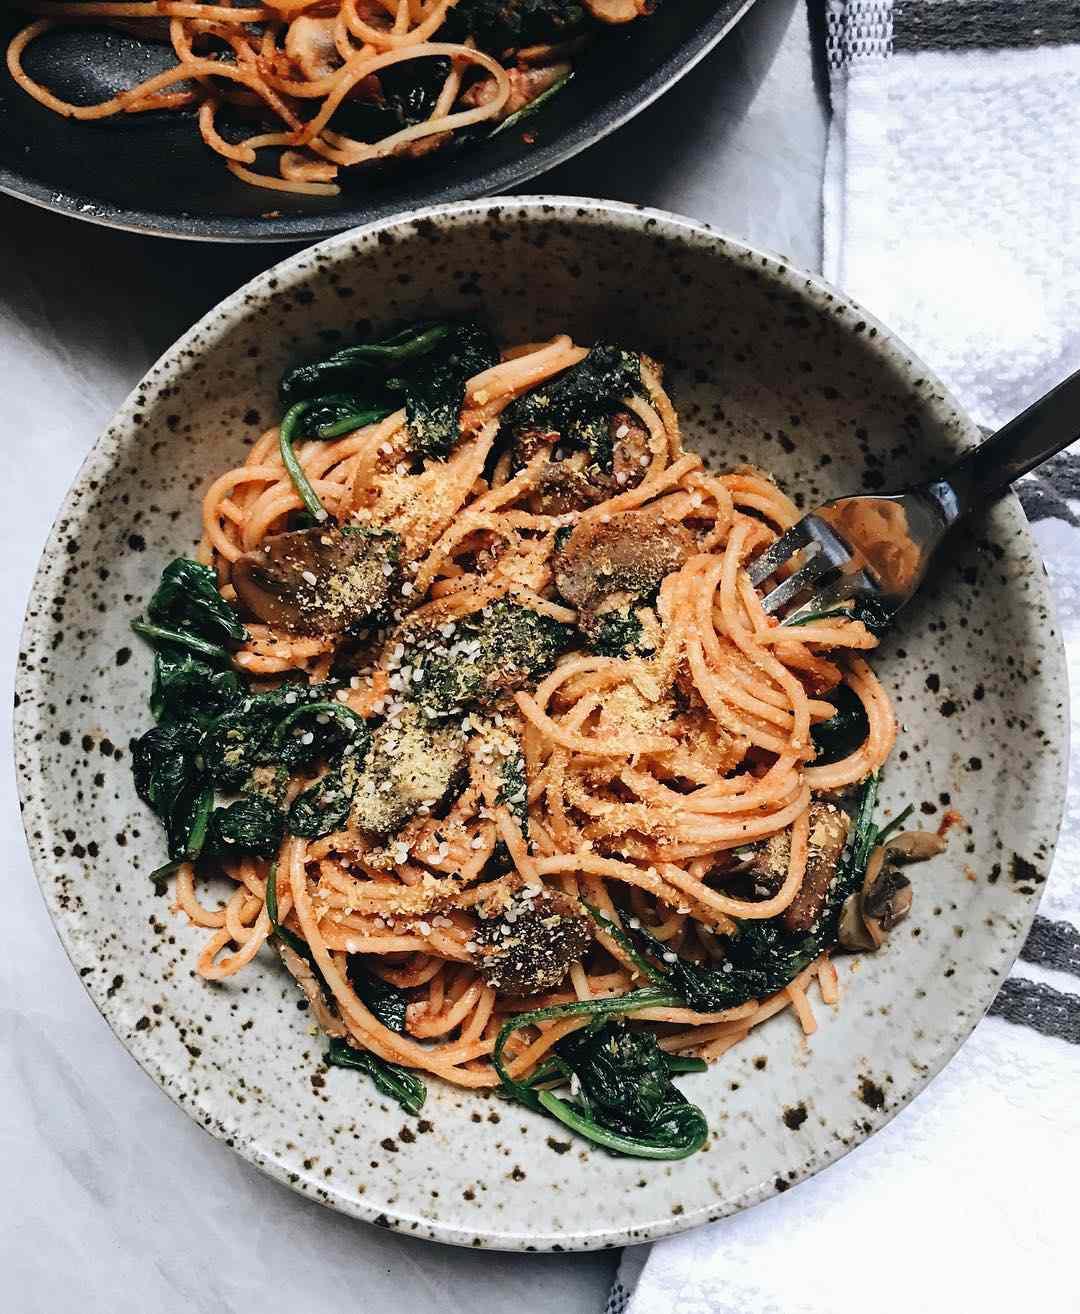 Mushroom spinach spaghetti - @plantbasedjane